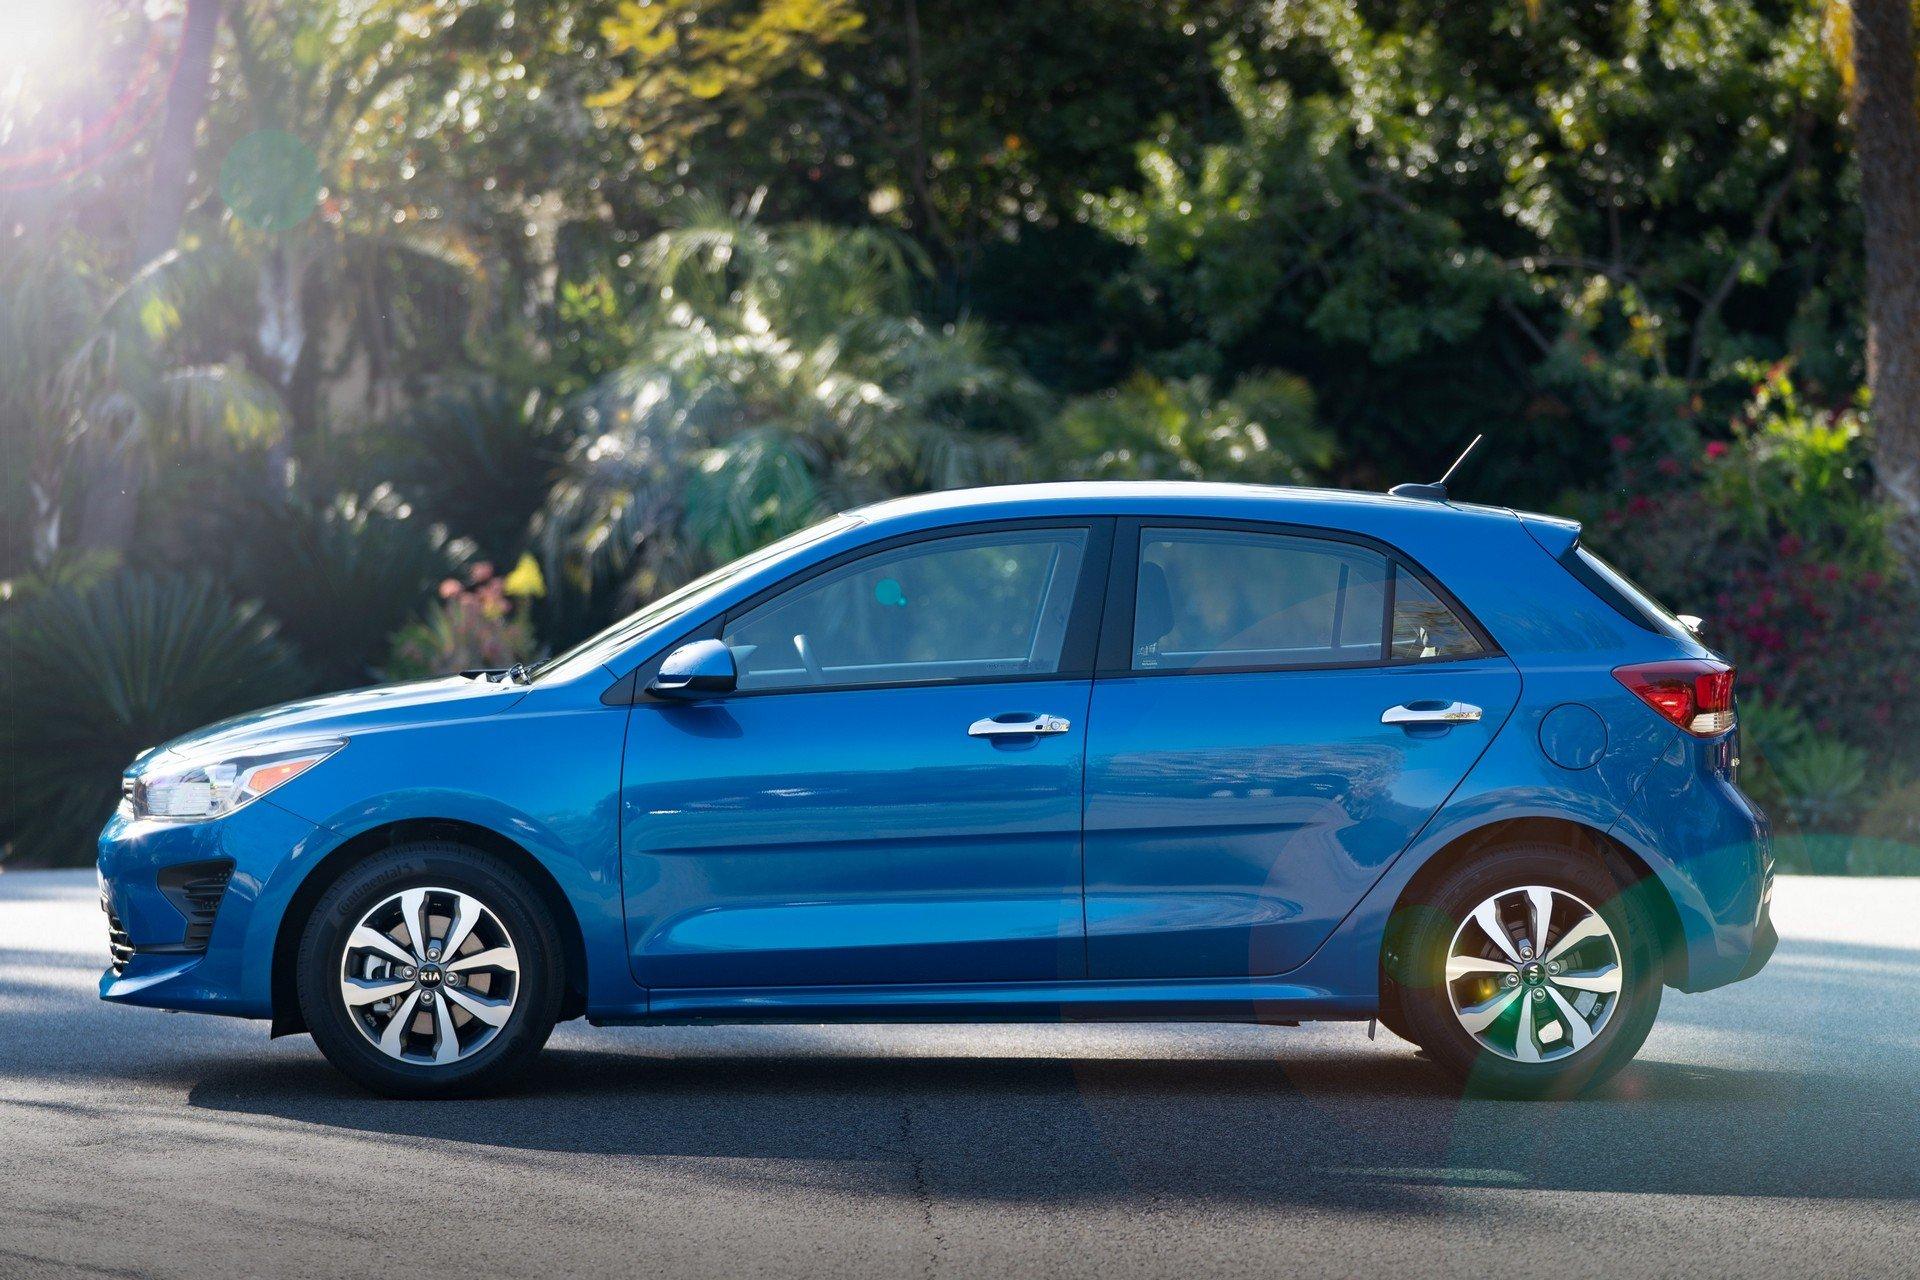 Kia може зняти з конвеєра одну зі своїх моделей